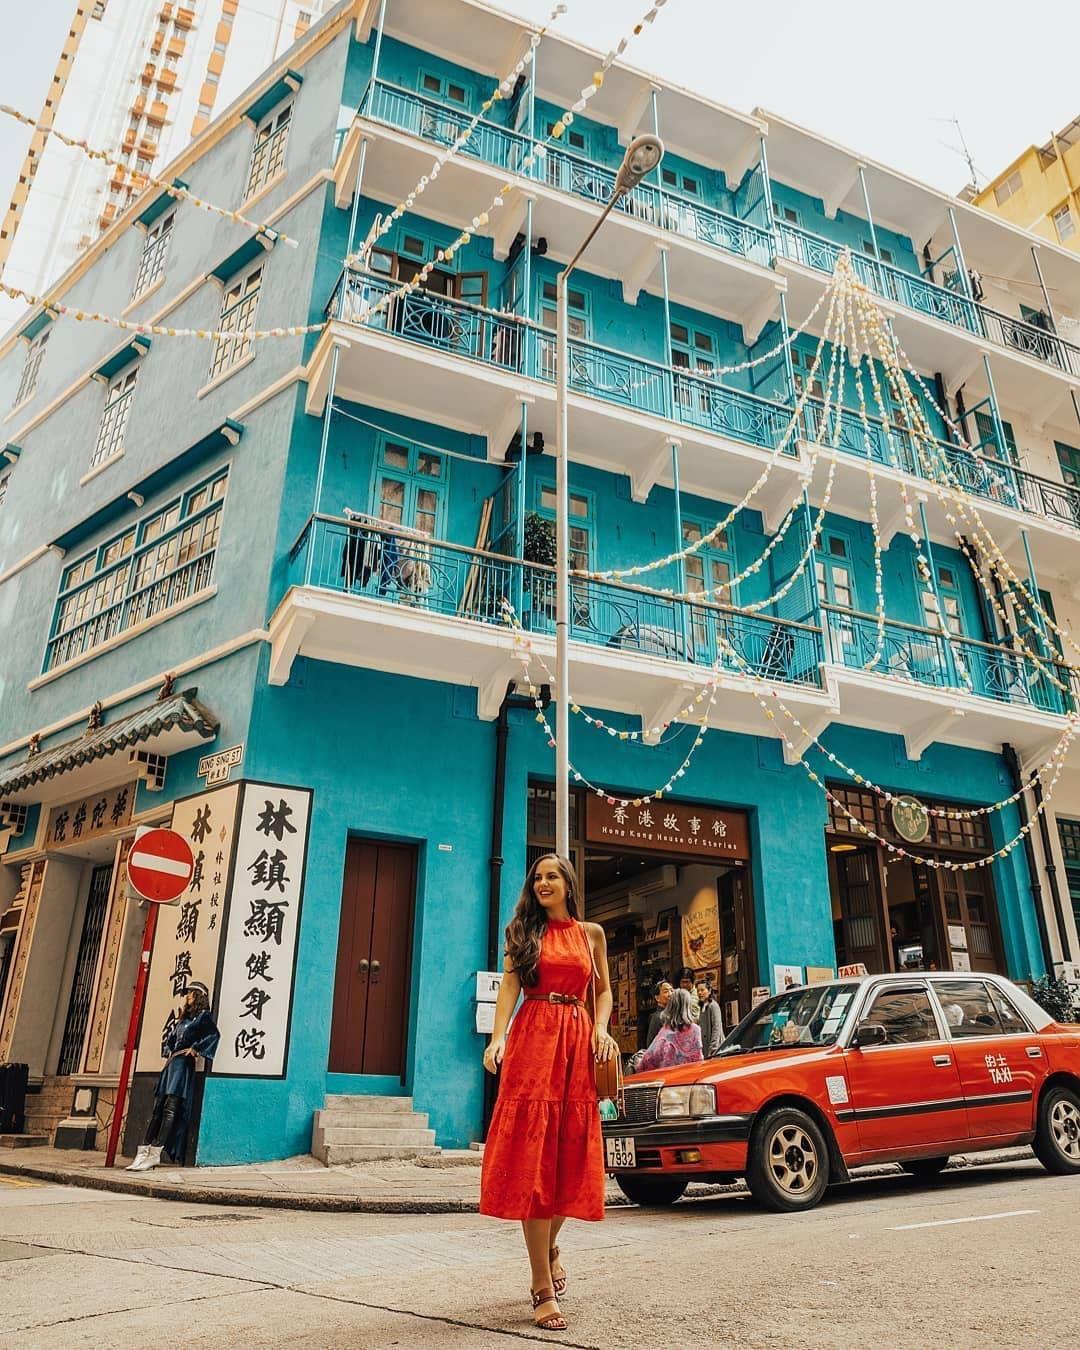 Bỏ túi ngay 8 điểm sống ảo nổi tiếng ở Hong Kong, vị trí thứ 2 hot đến nỗi còn lọt vào top được check-in nhiều nhất trên Instagram! - Ảnh 16.